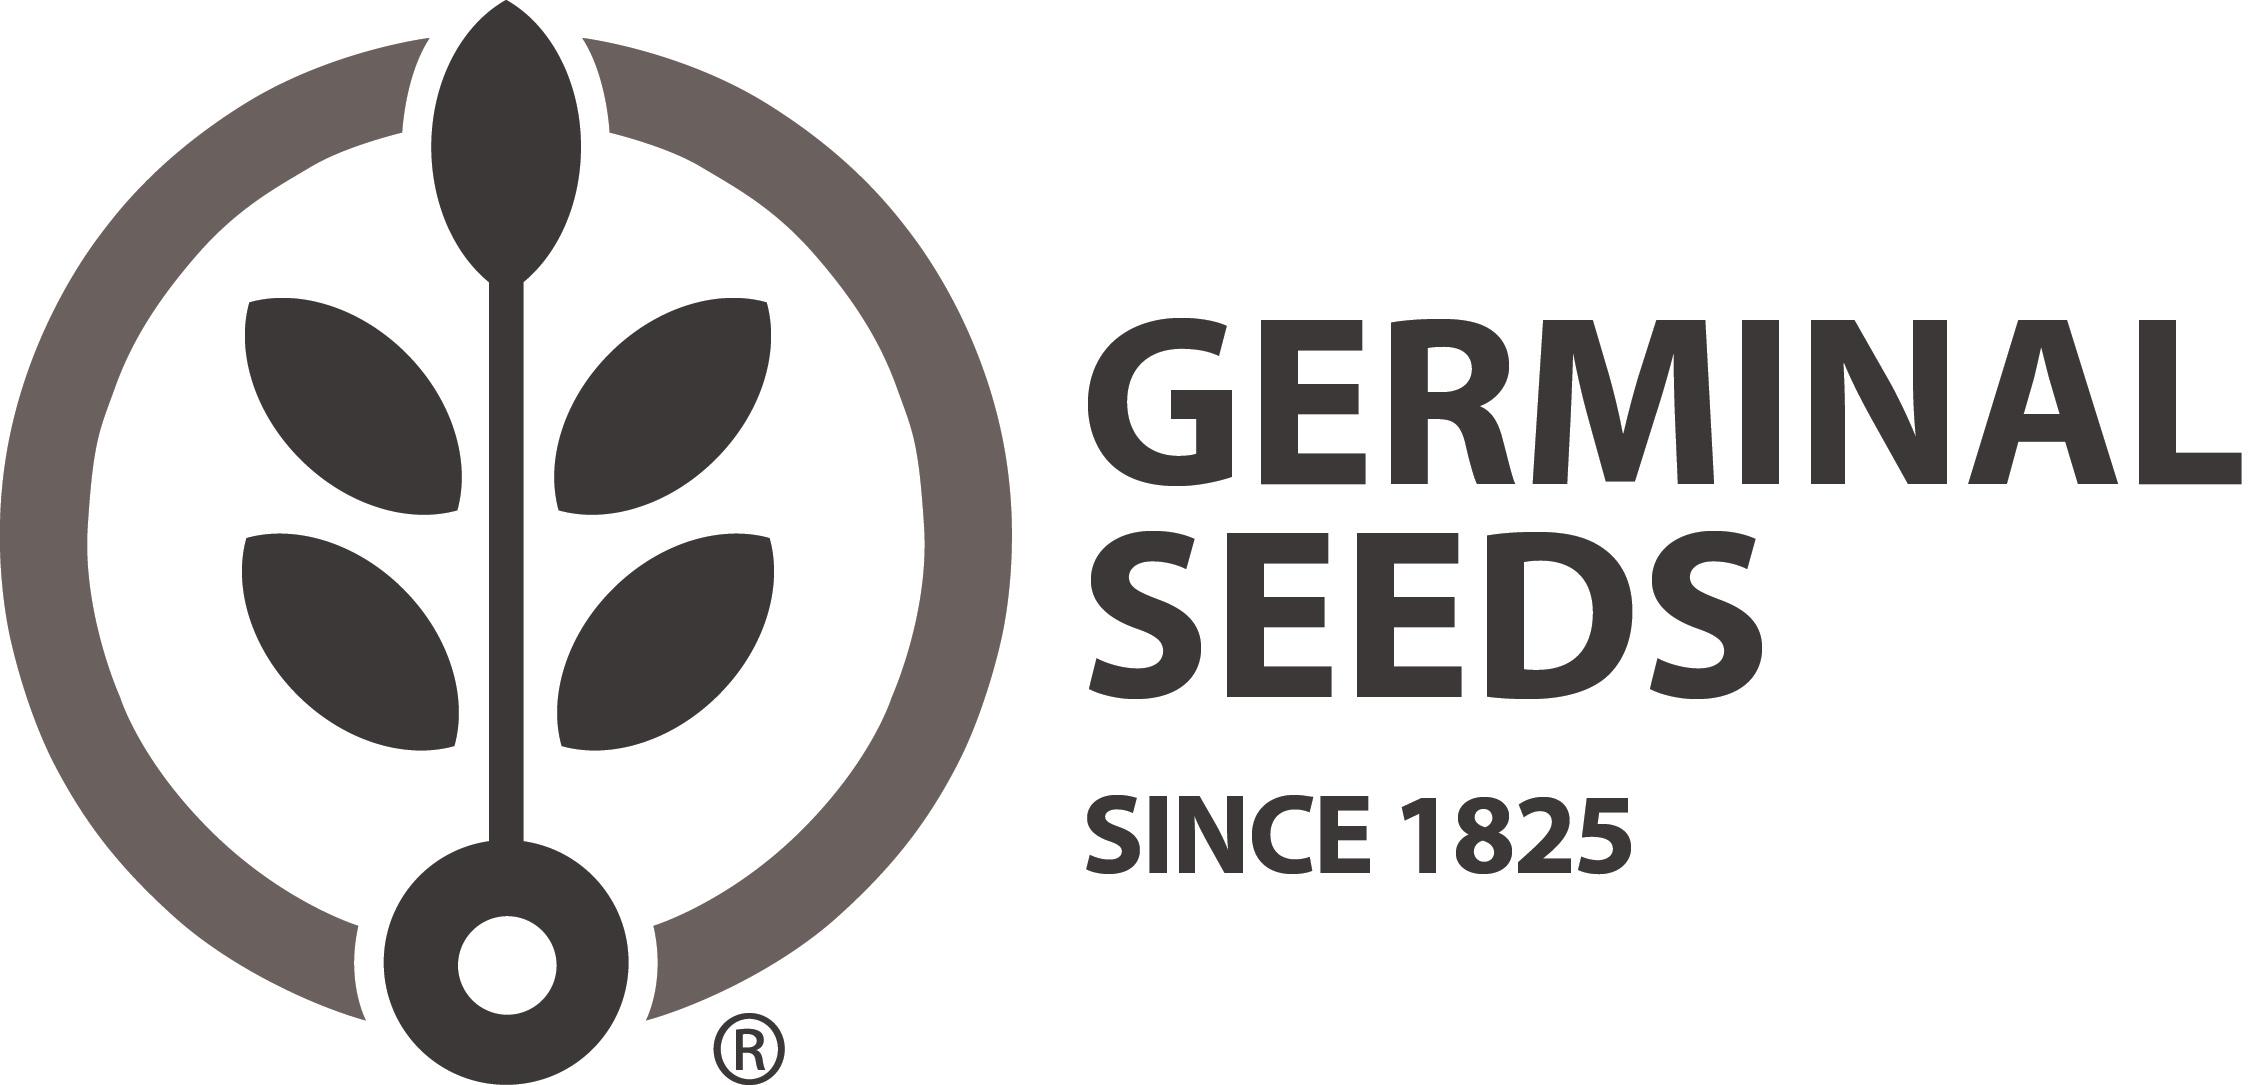 Germinal Seeds